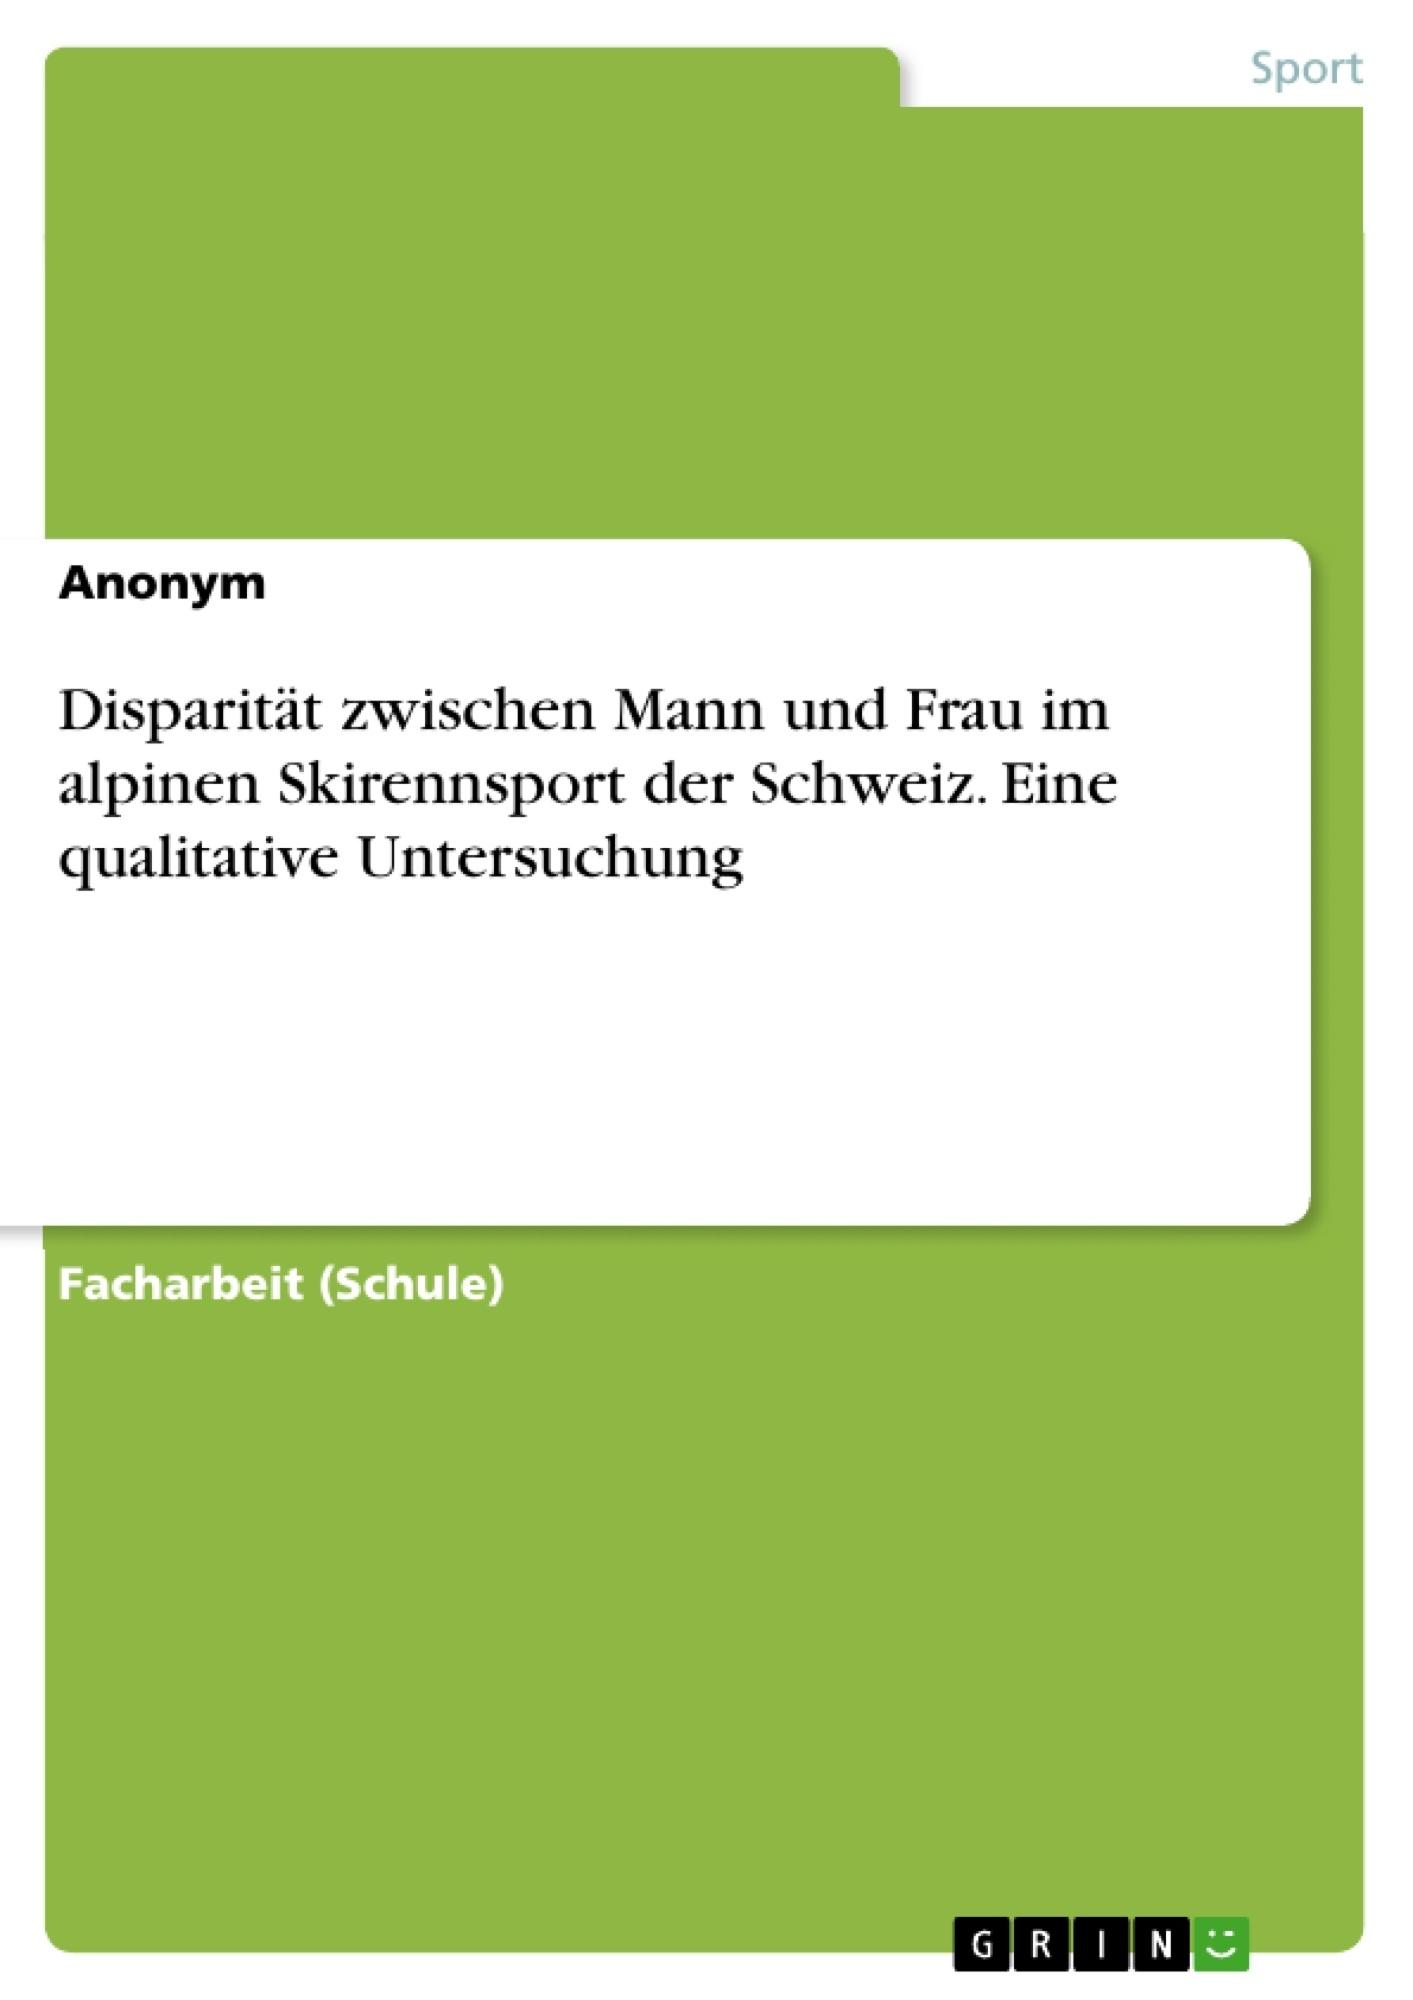 Titel: Disparität zwischen Mann und Frau im alpinen Skirennsport der Schweiz. Eine qualitative Untersuchung